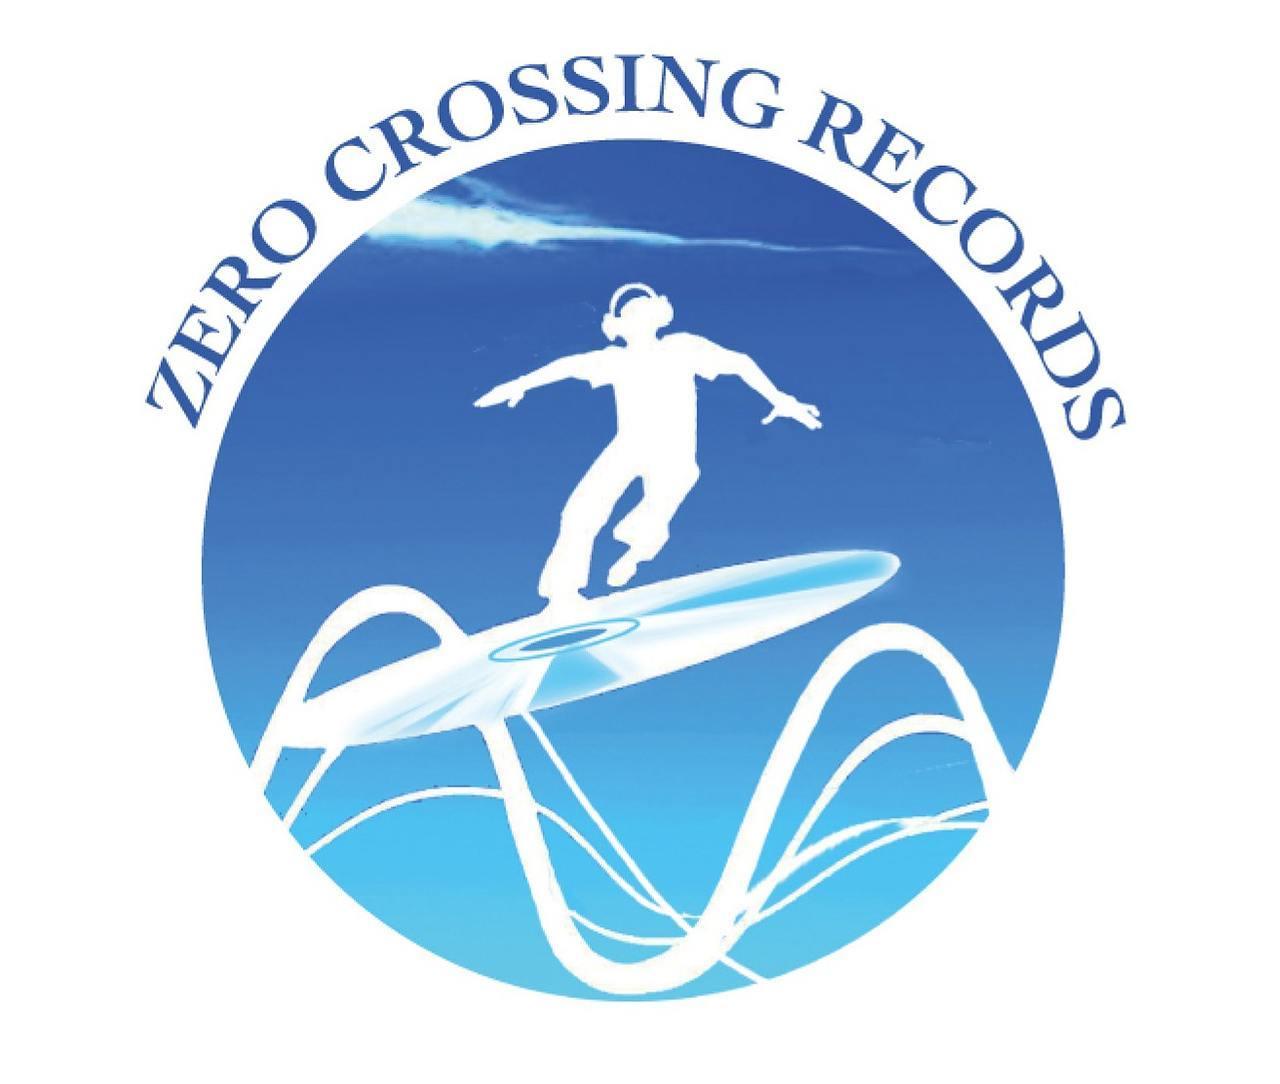 logo_Scelto_Zero_Crossing